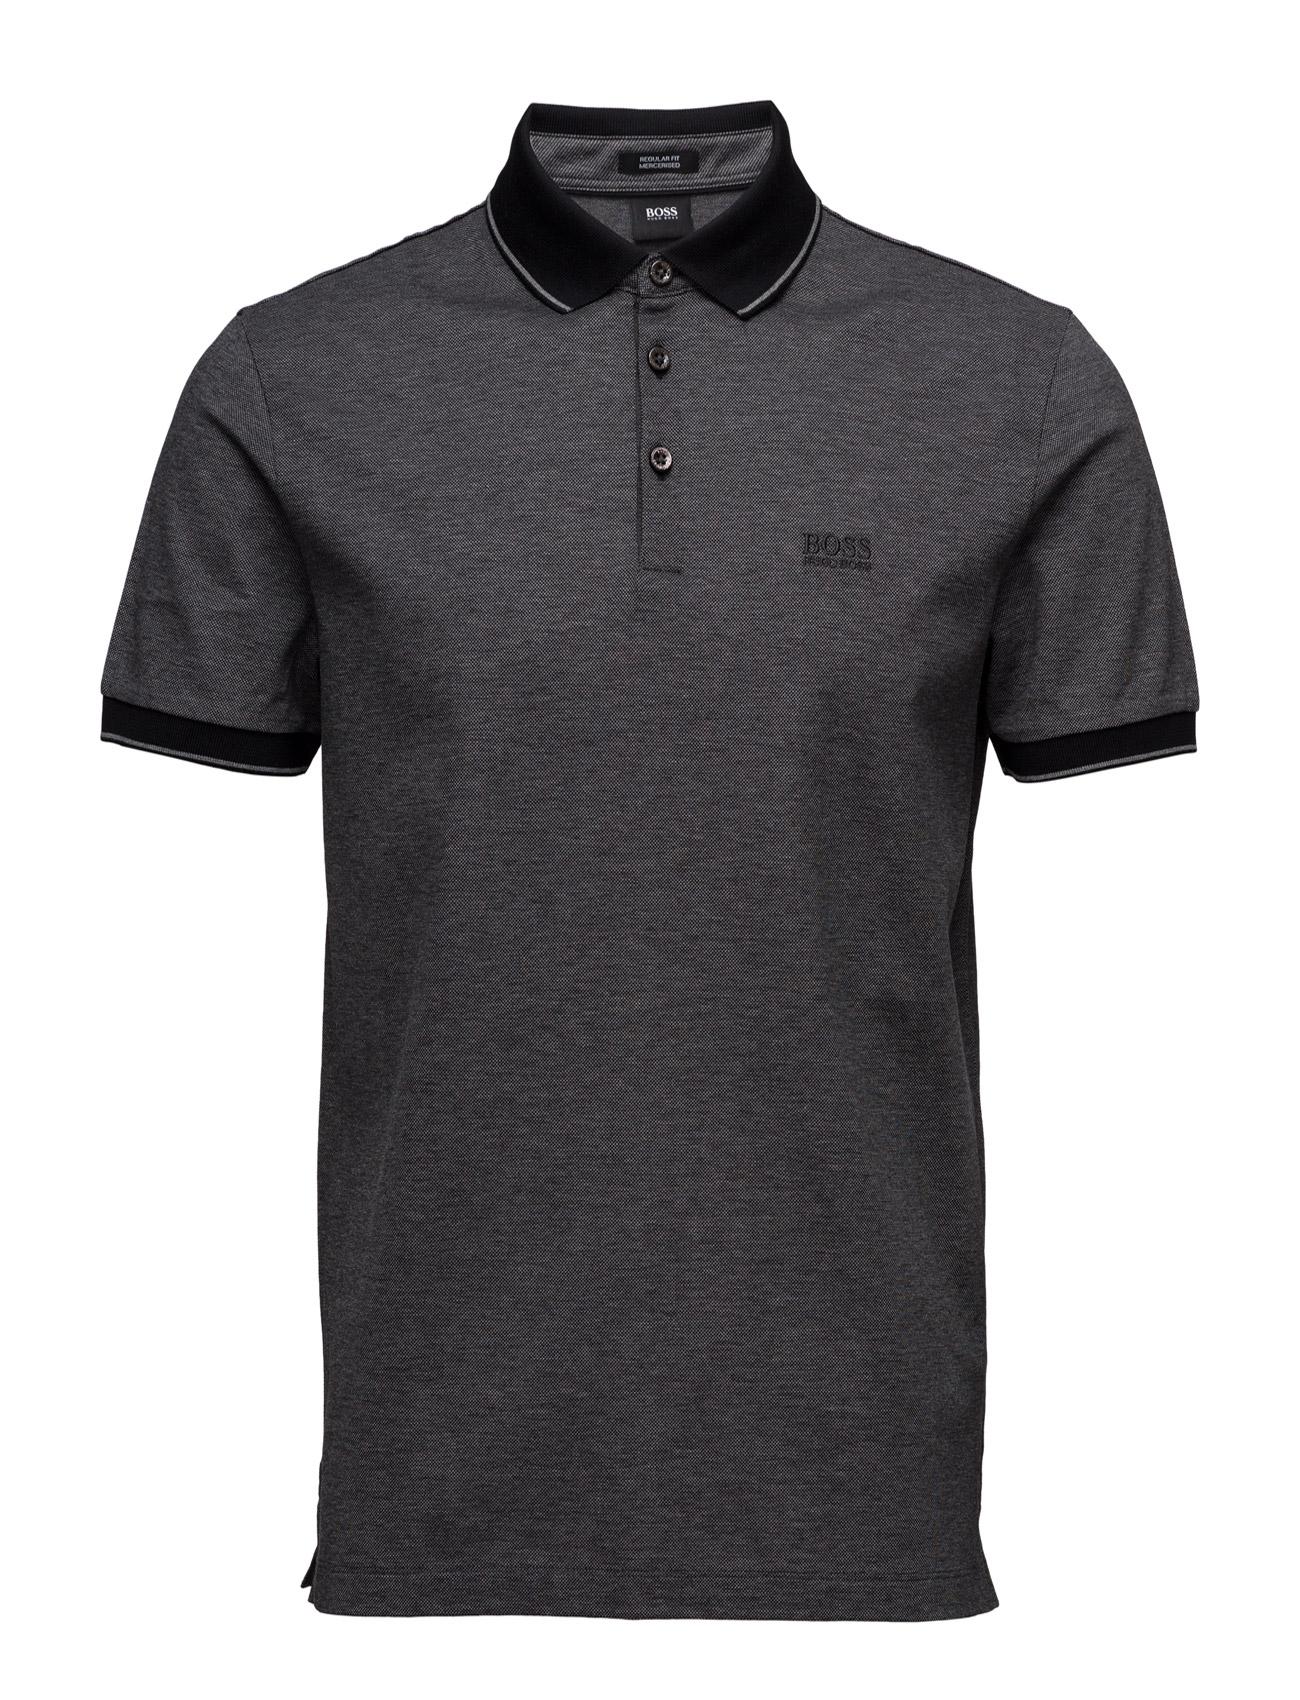 Prout 01 BOSS Kortærmede polo t-shirts til Mænd i Sort